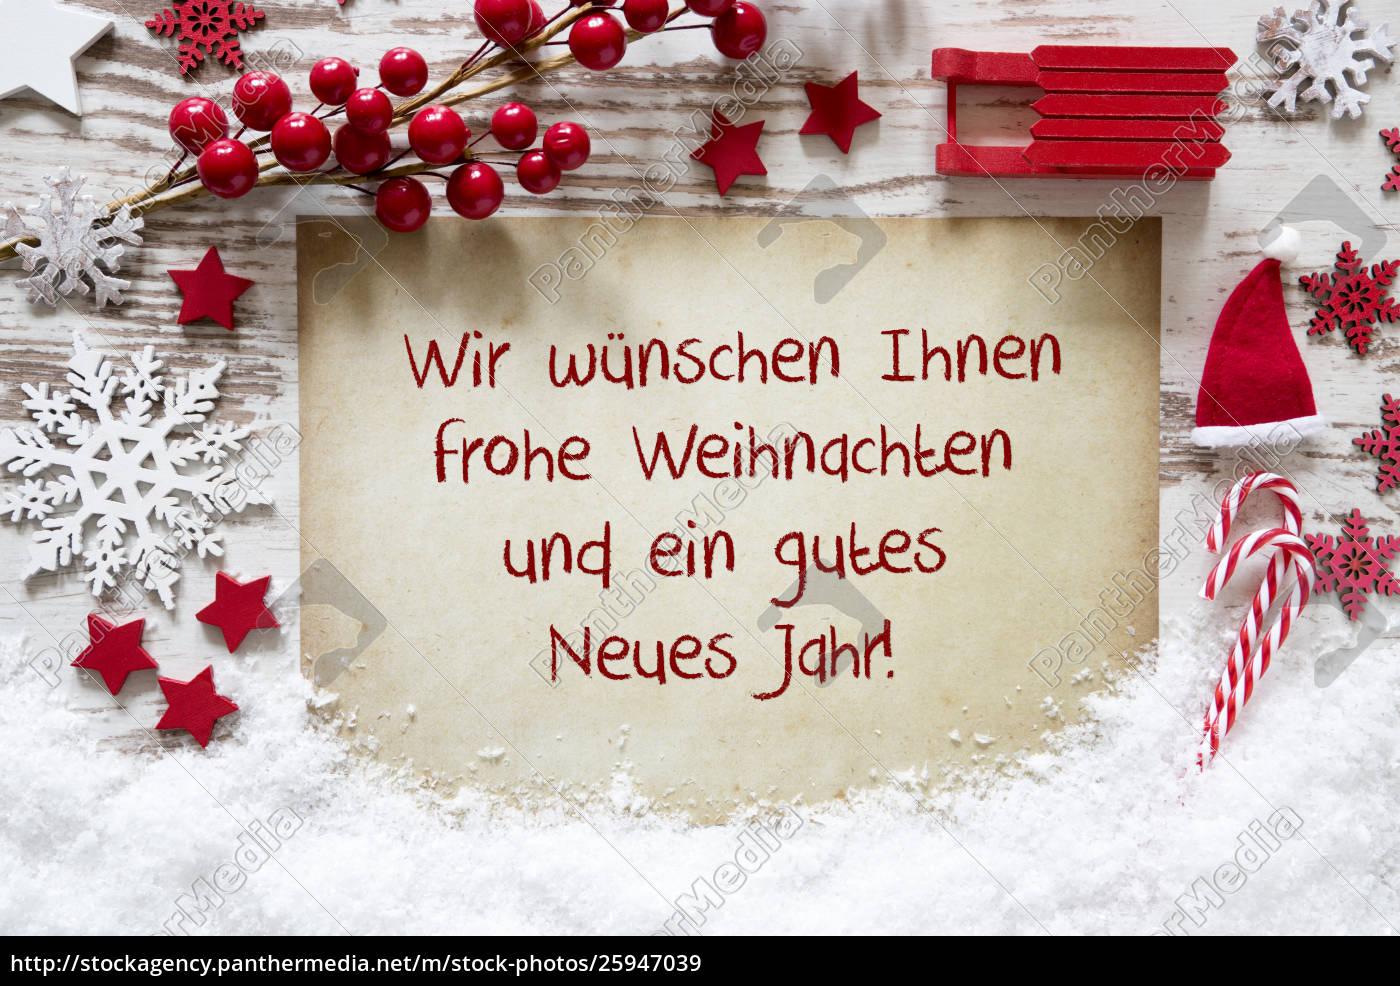 Frohe Weihnachten Text.Stockfoto 25947039 Frohe Weihnachten Gutes Neues Jahr Bedeutet Frohe Weihnachten